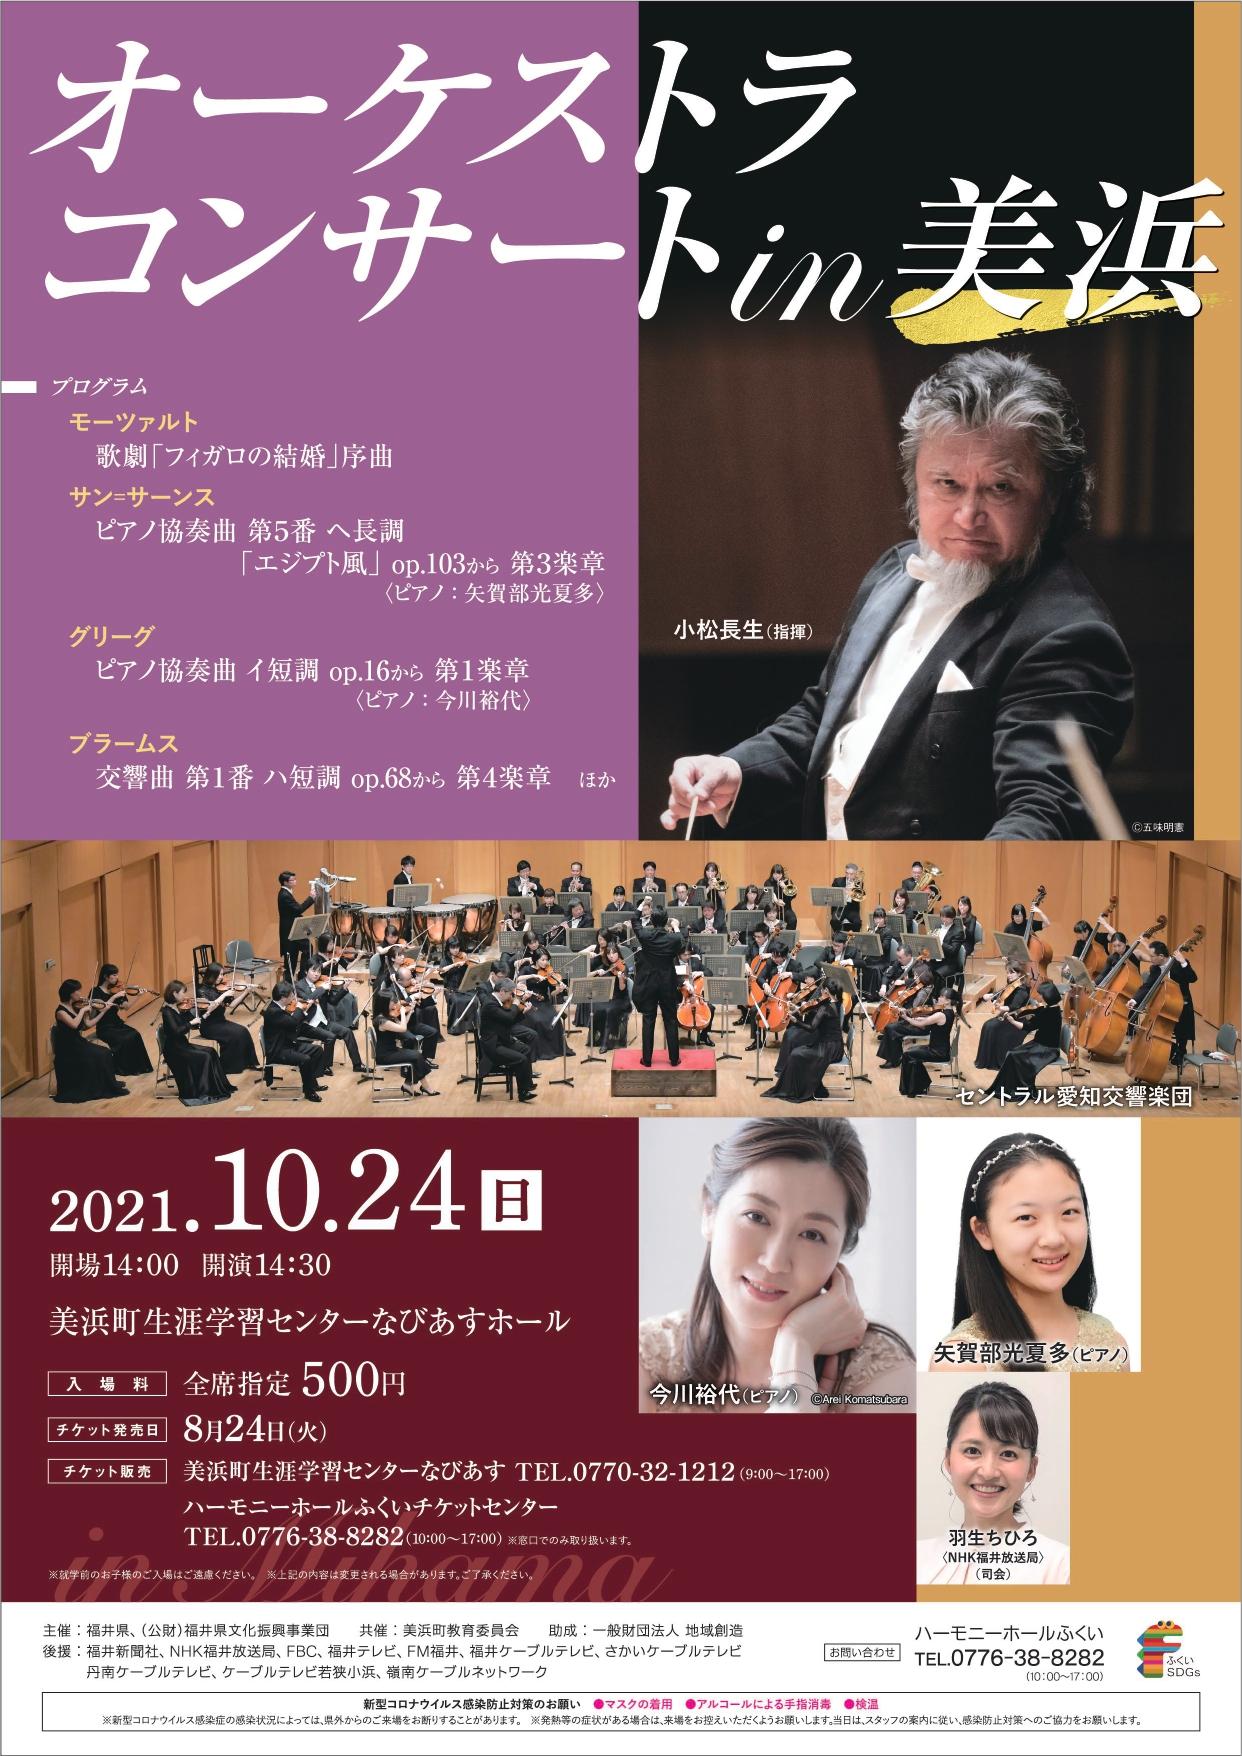 オーケストラコンサート in 美浜